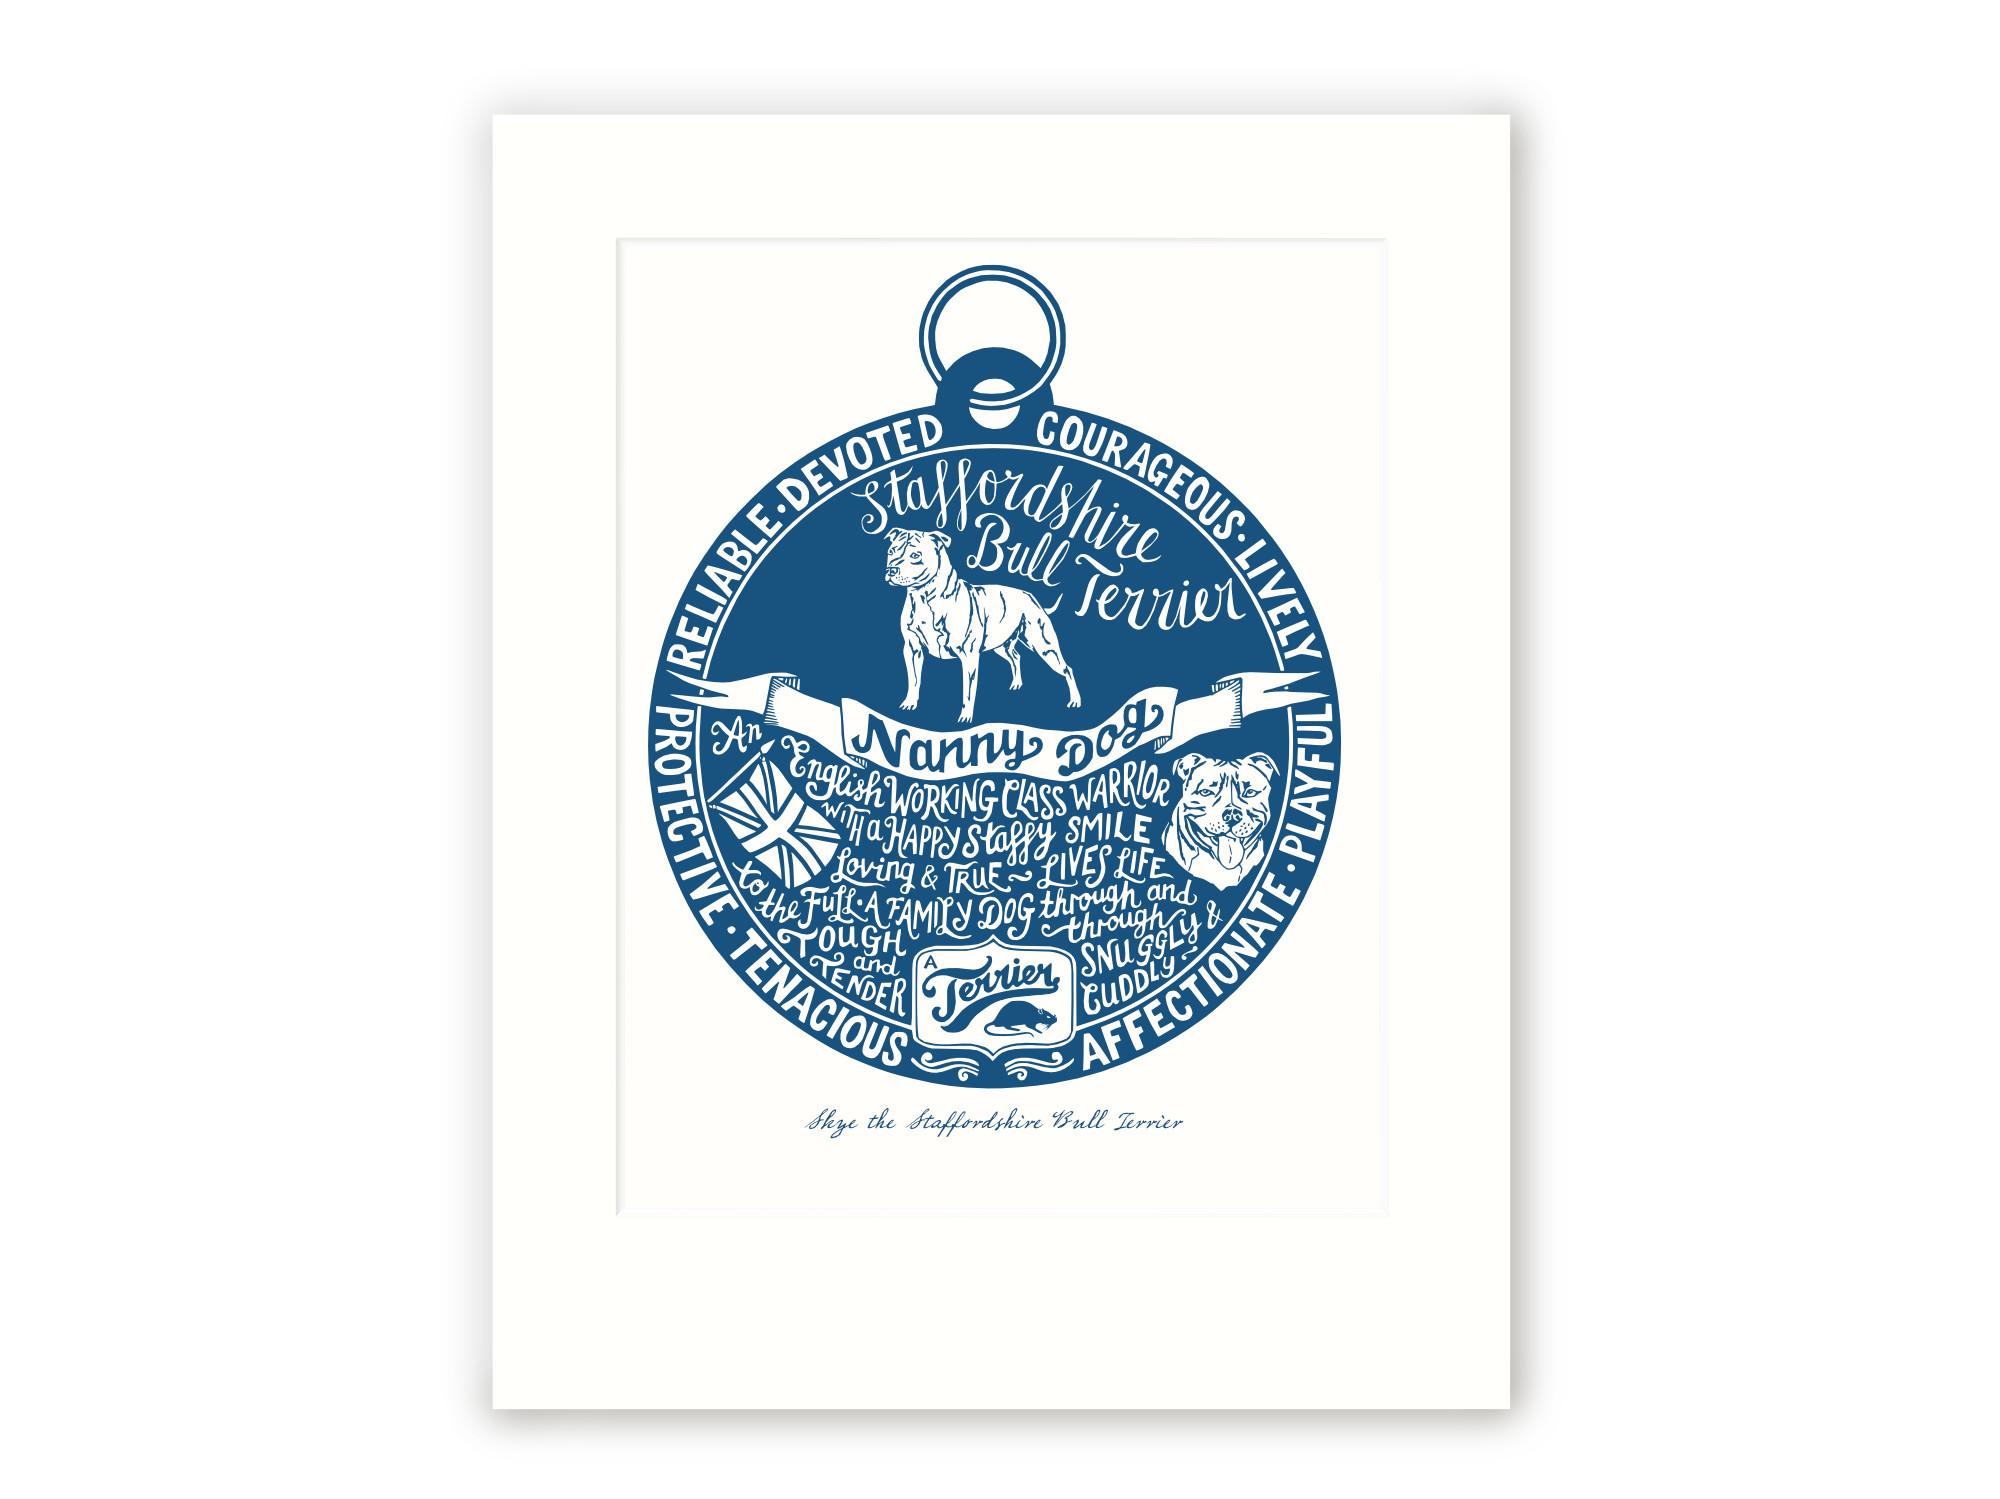 Staffordshire Bull Terrier Art Print | The Enlightened Hound